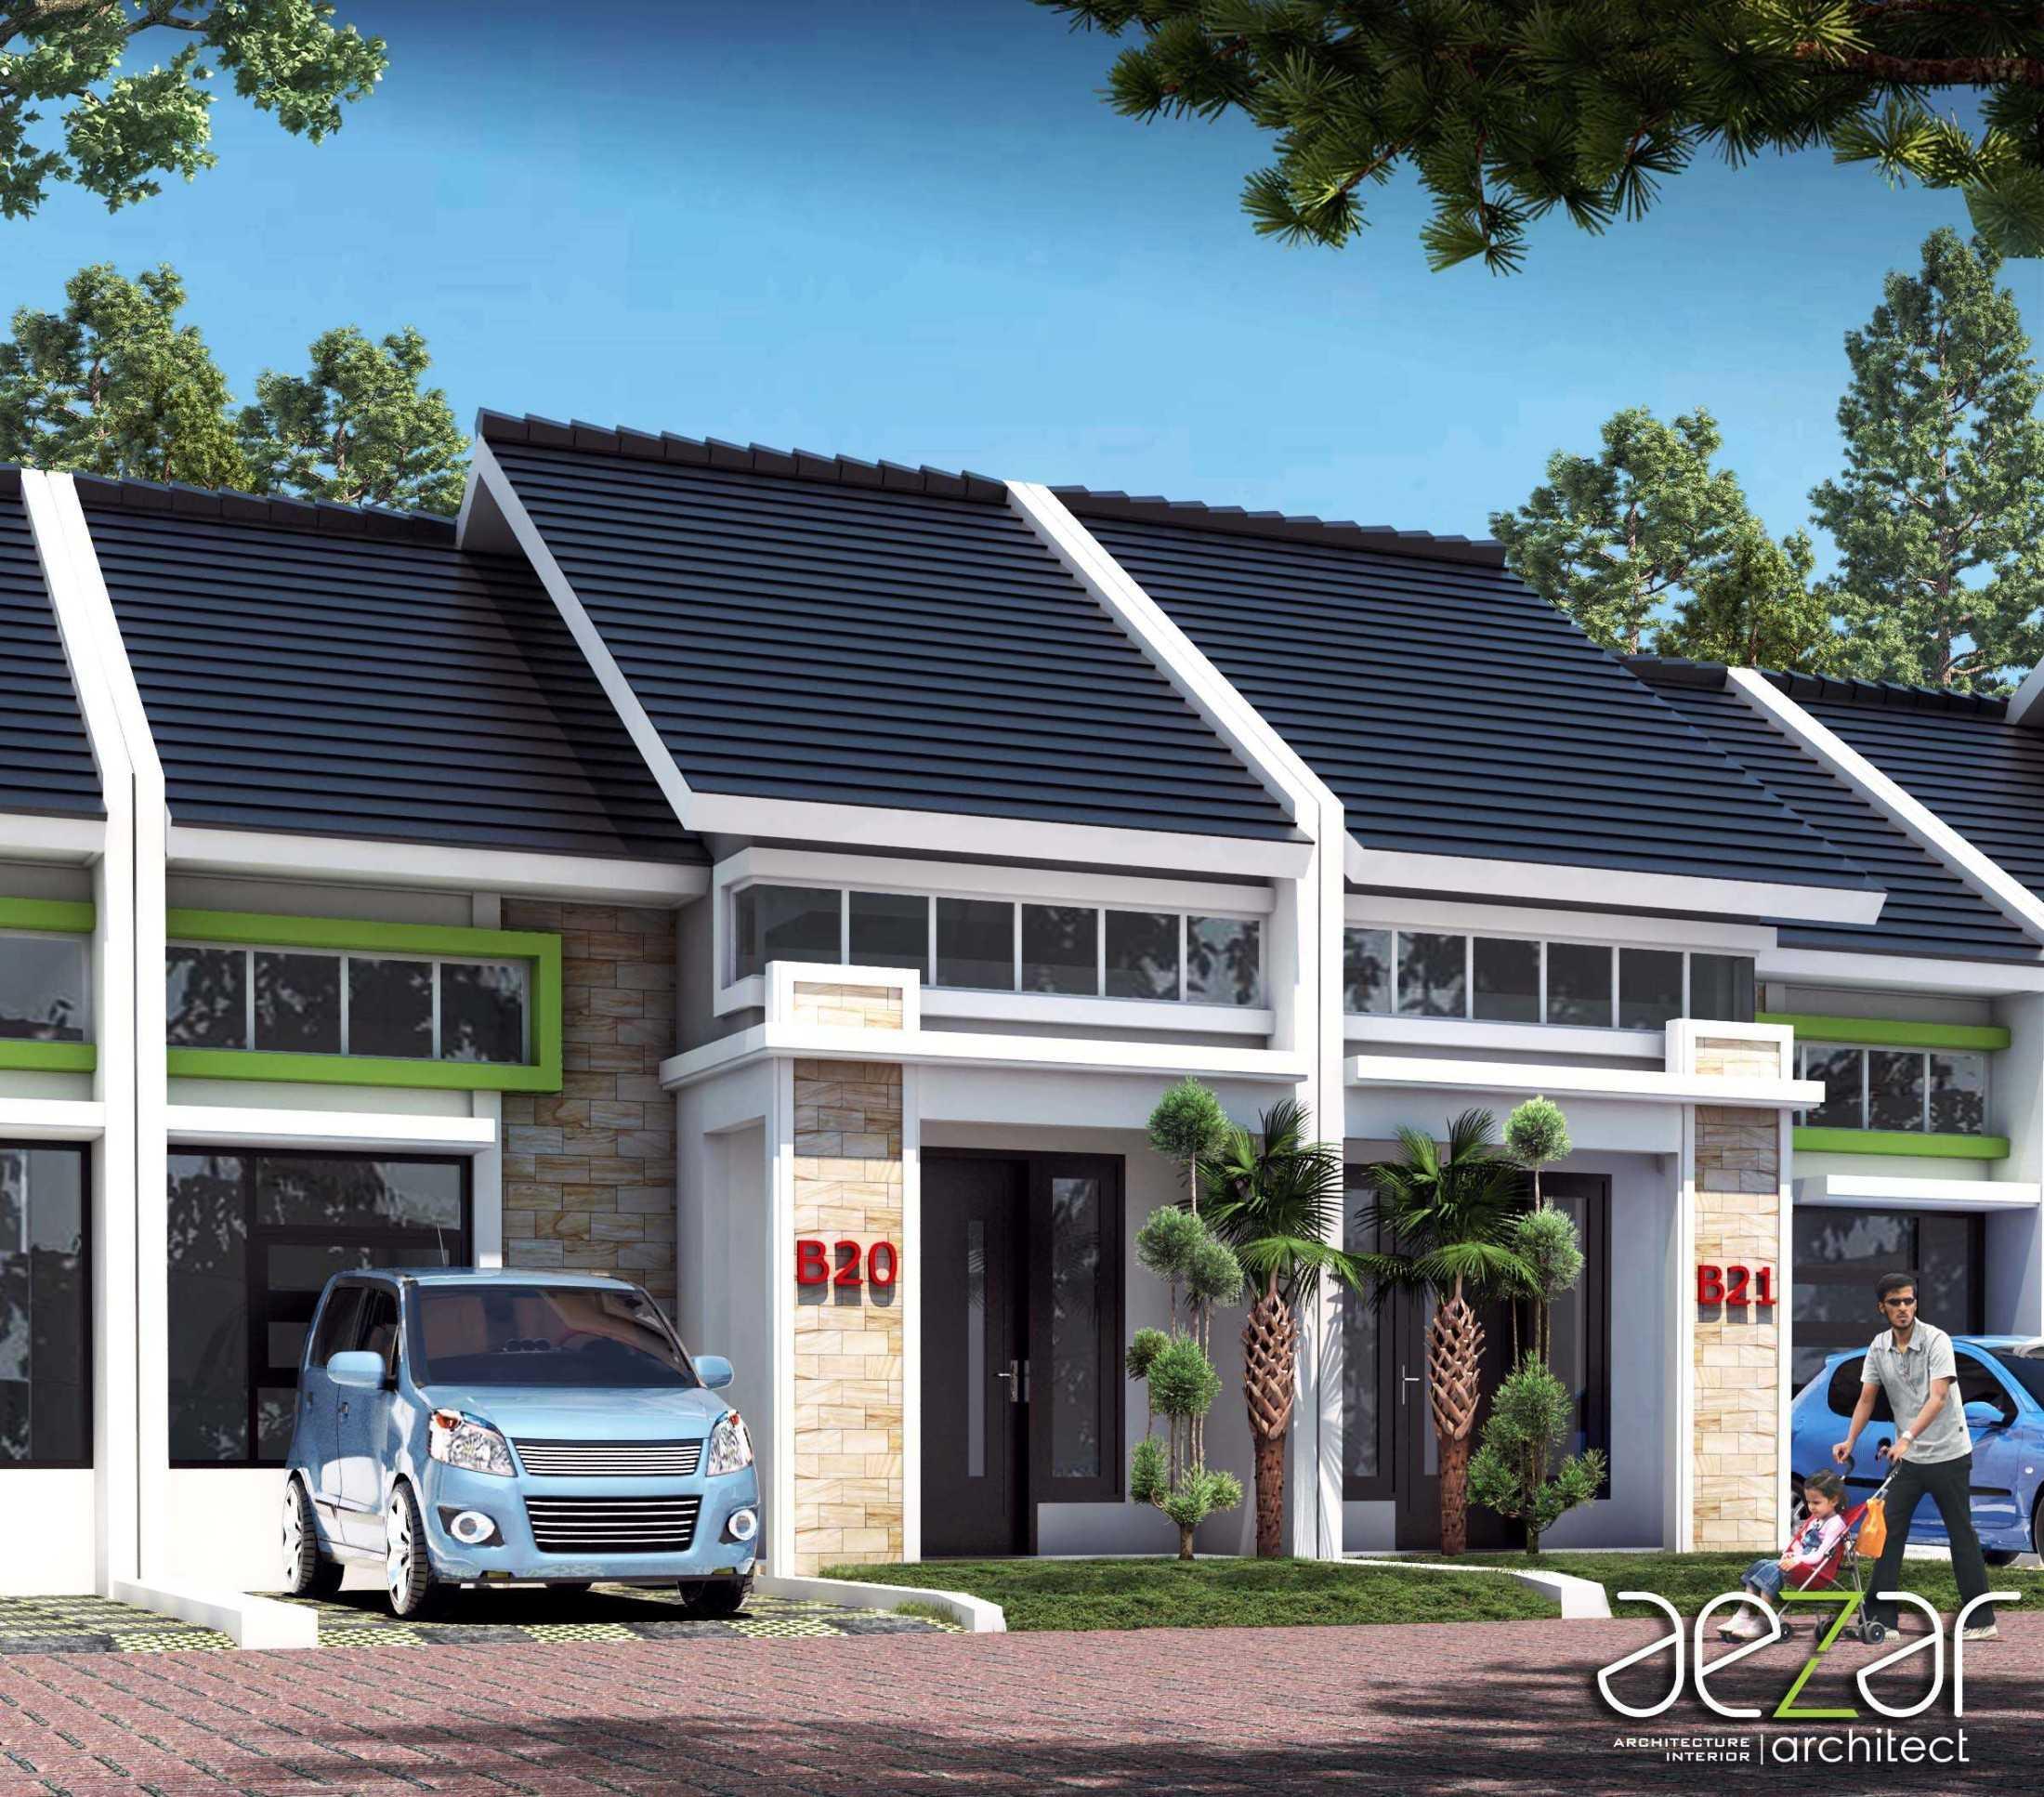 Aezar Architect Perumahan De Dwipa Kedungmundu Semarang, Jawa Tengah, Indonesia Semarang, Jawa Tengah, Indonesia Exterior View Minimalist 54503